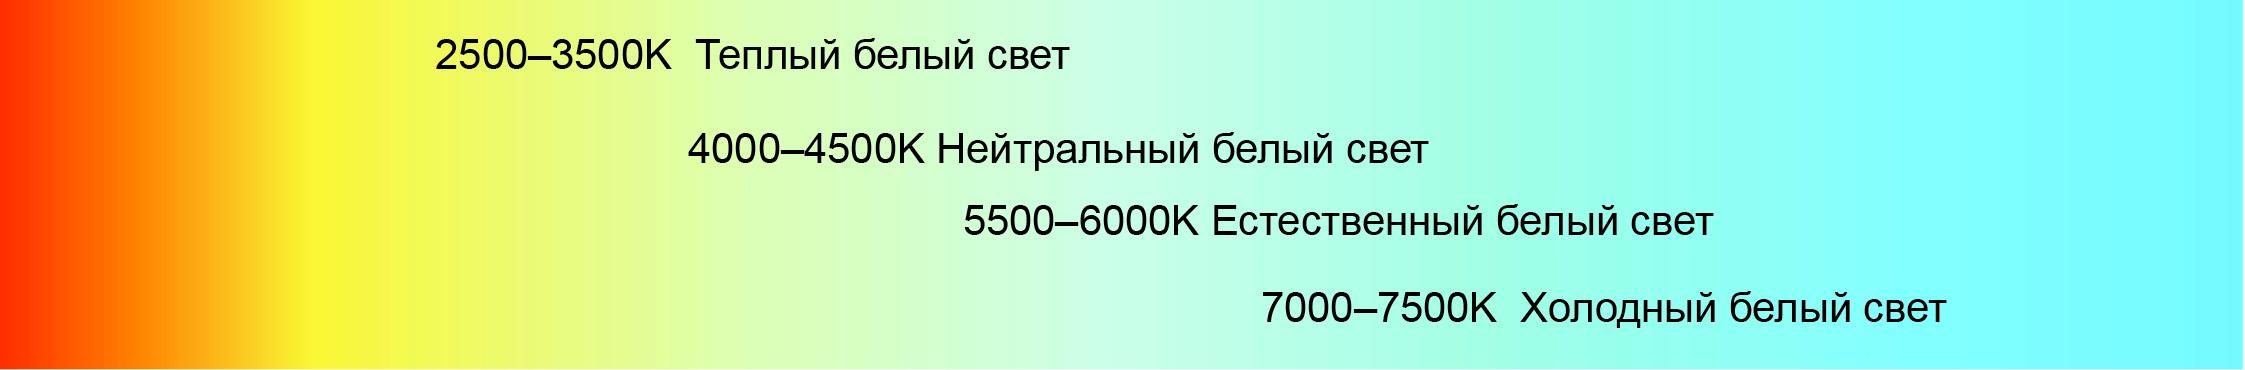 Типичный диапазон цветовой температуры для светодиодов составляет от 3500 K теплого белого до 7500 K холодного белого